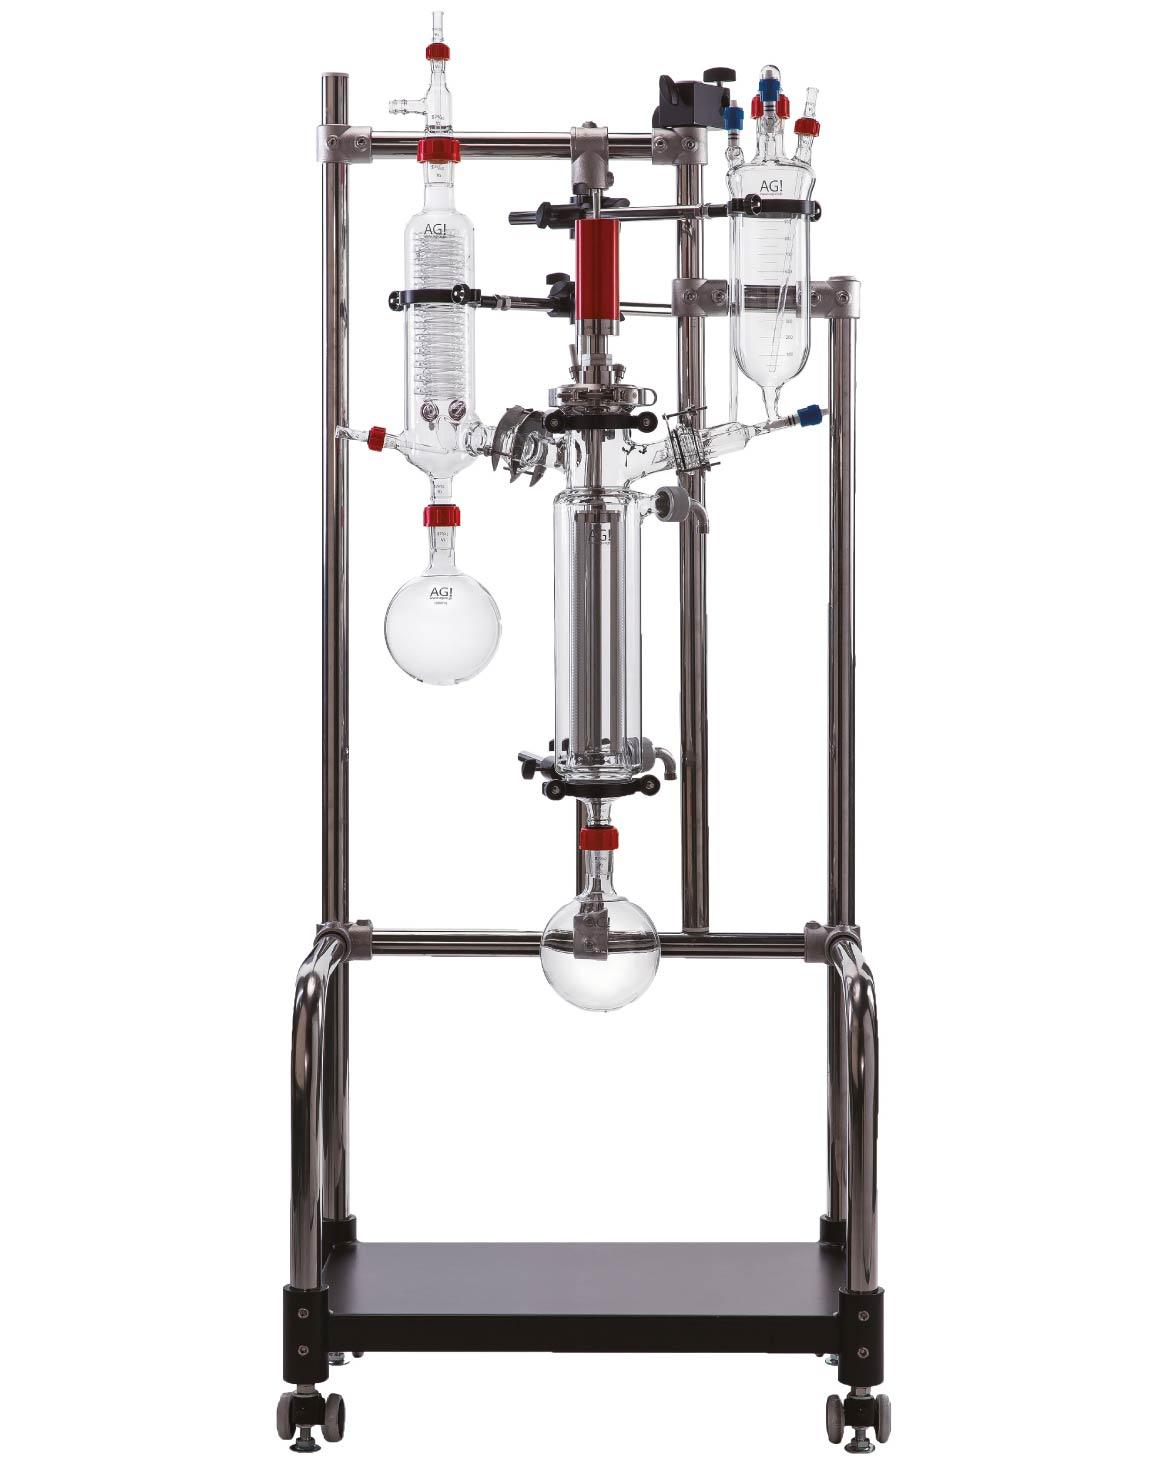 AGI Thin Film Evaporator